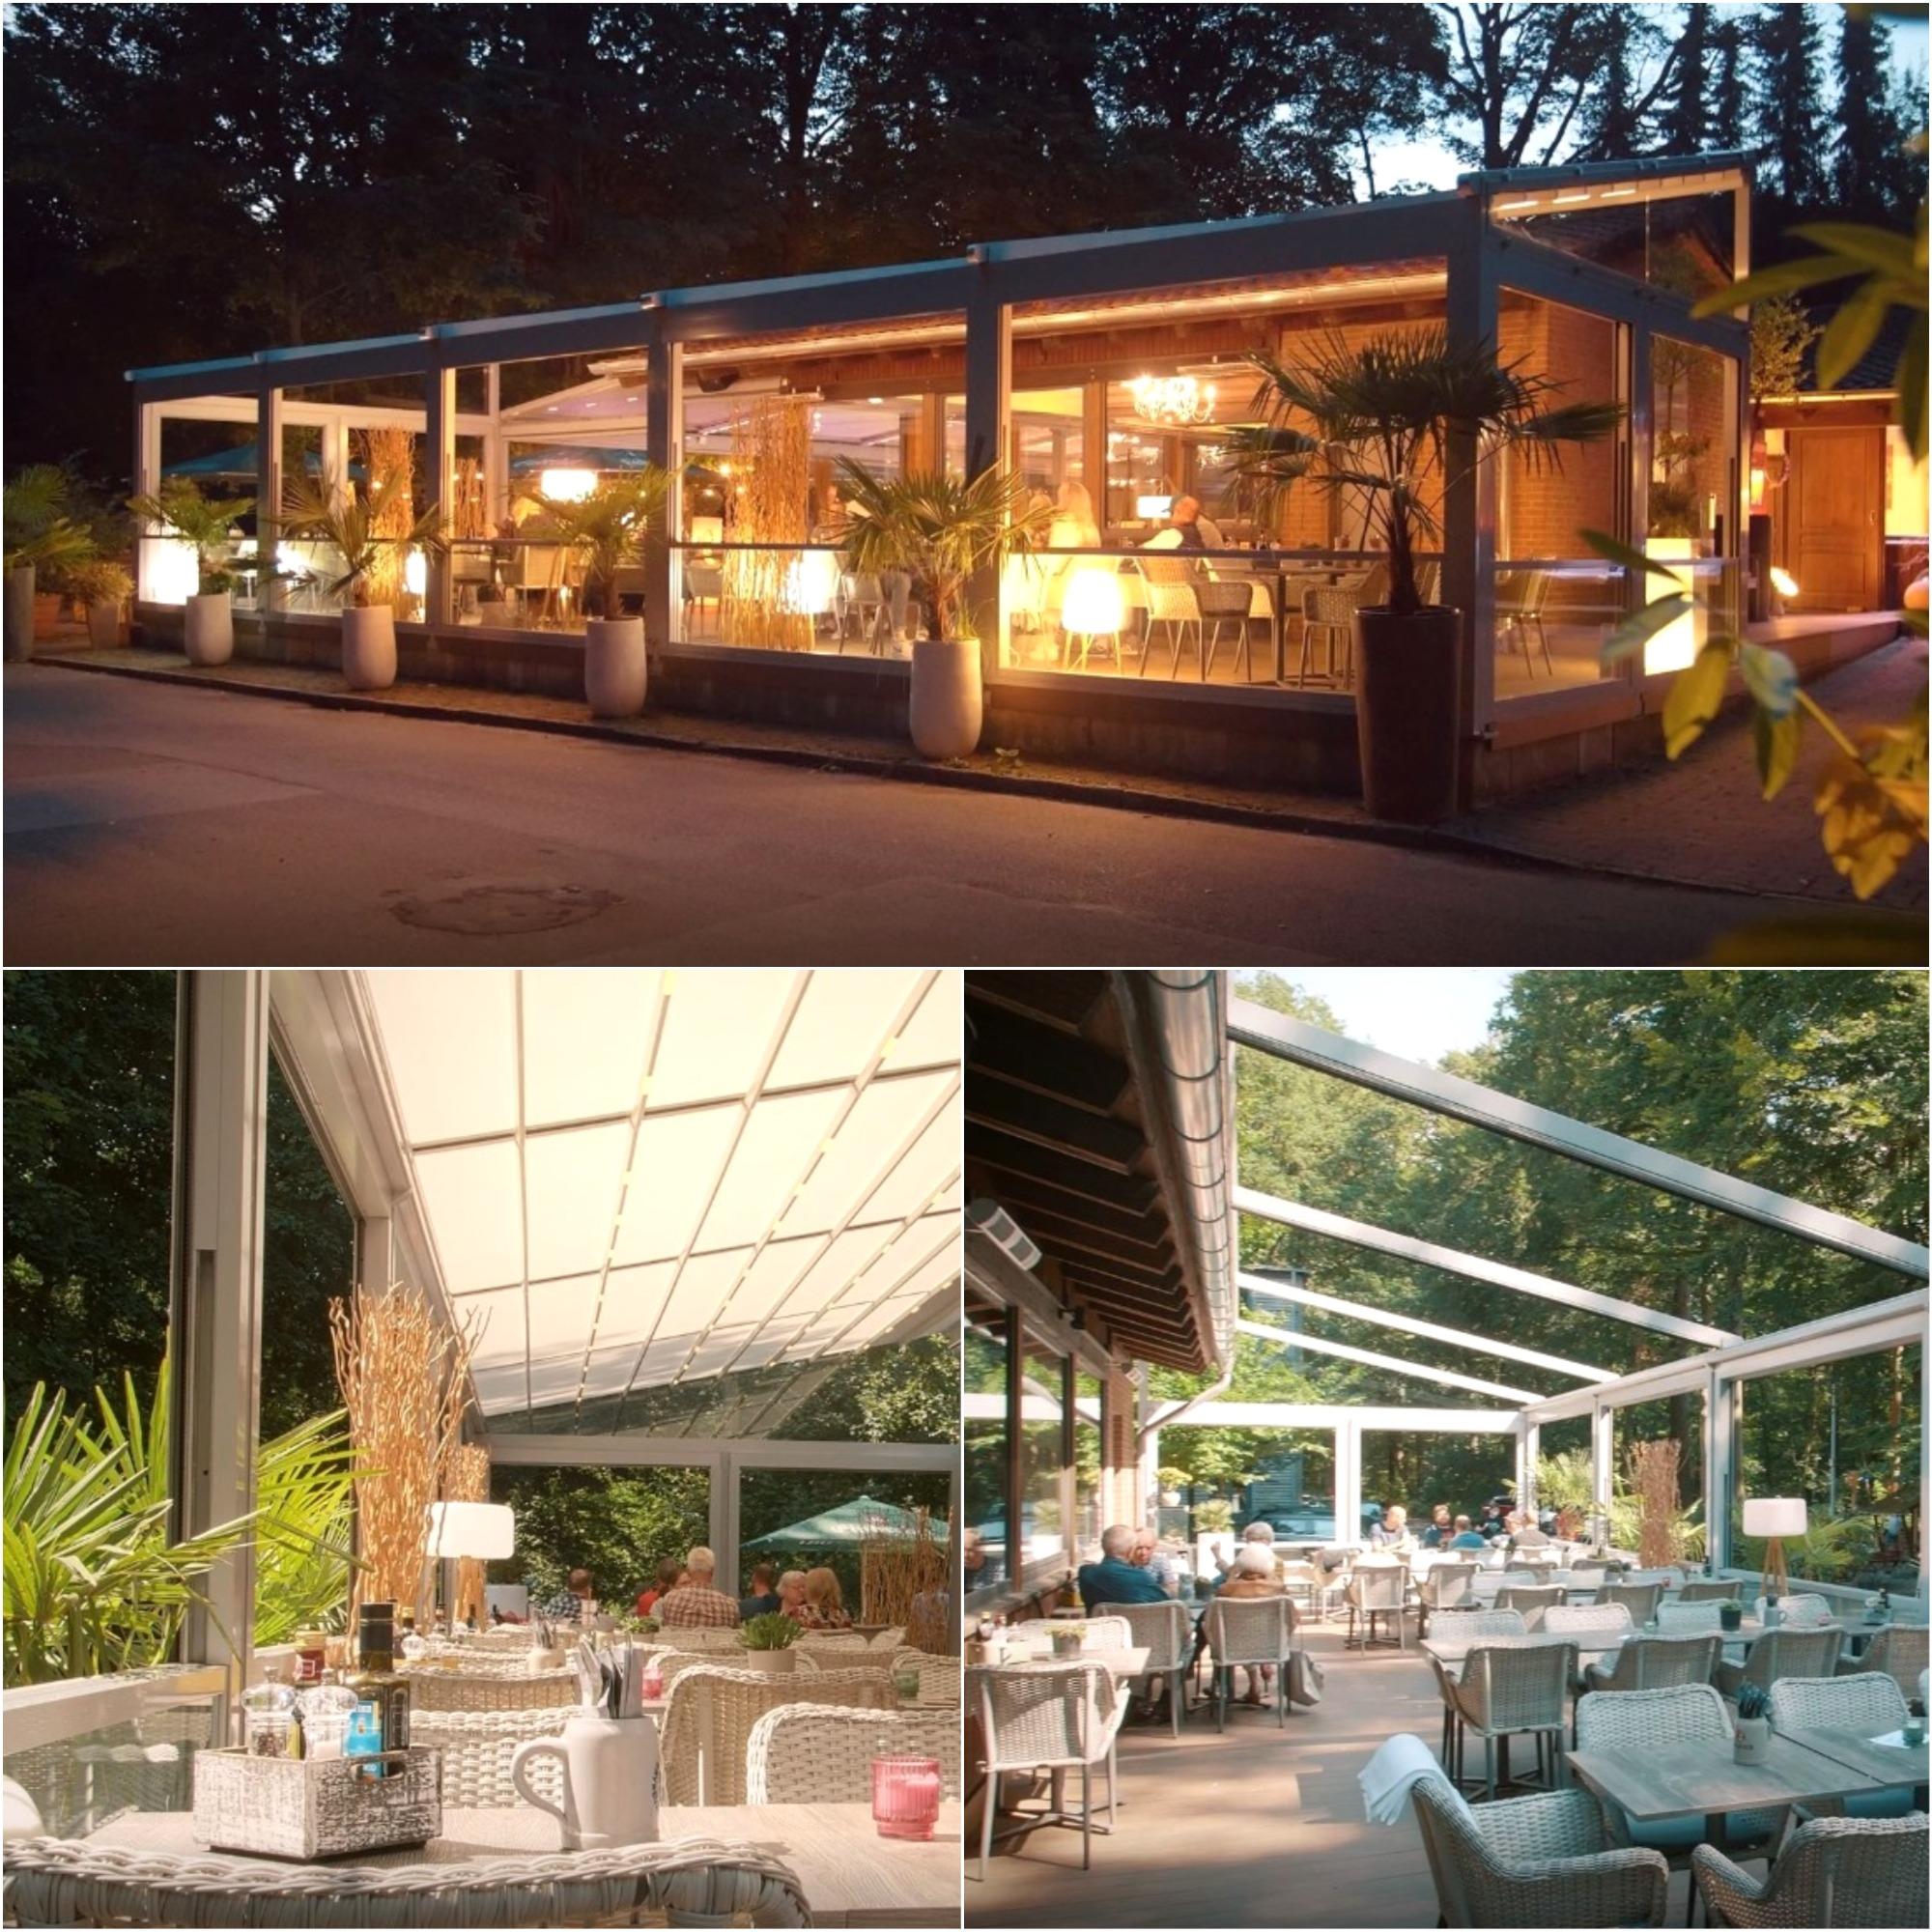 palmiye terrassenueberdachung gastronomie bischofshol 15 - Terrassenüberdachung Restaurant BISCHOFSHOL